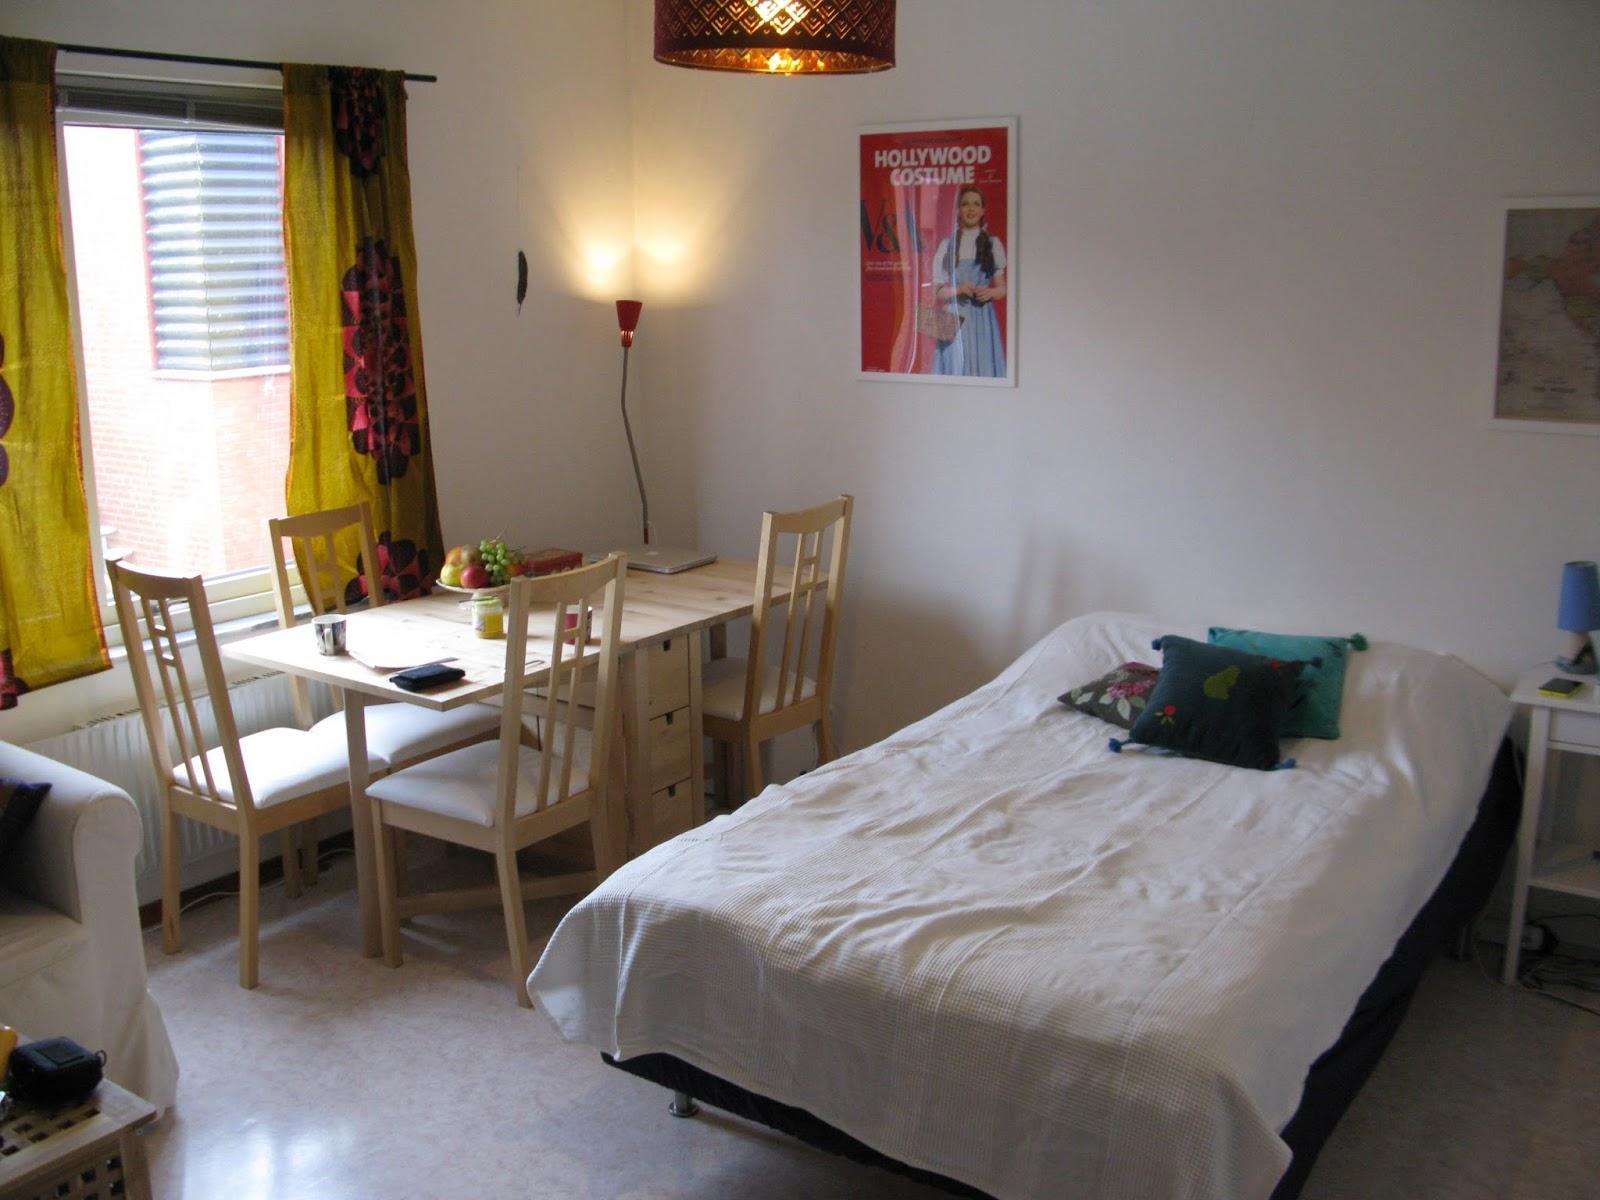 Lund On Times Living In Lund K Mn Rsr Tten Studio Apartment